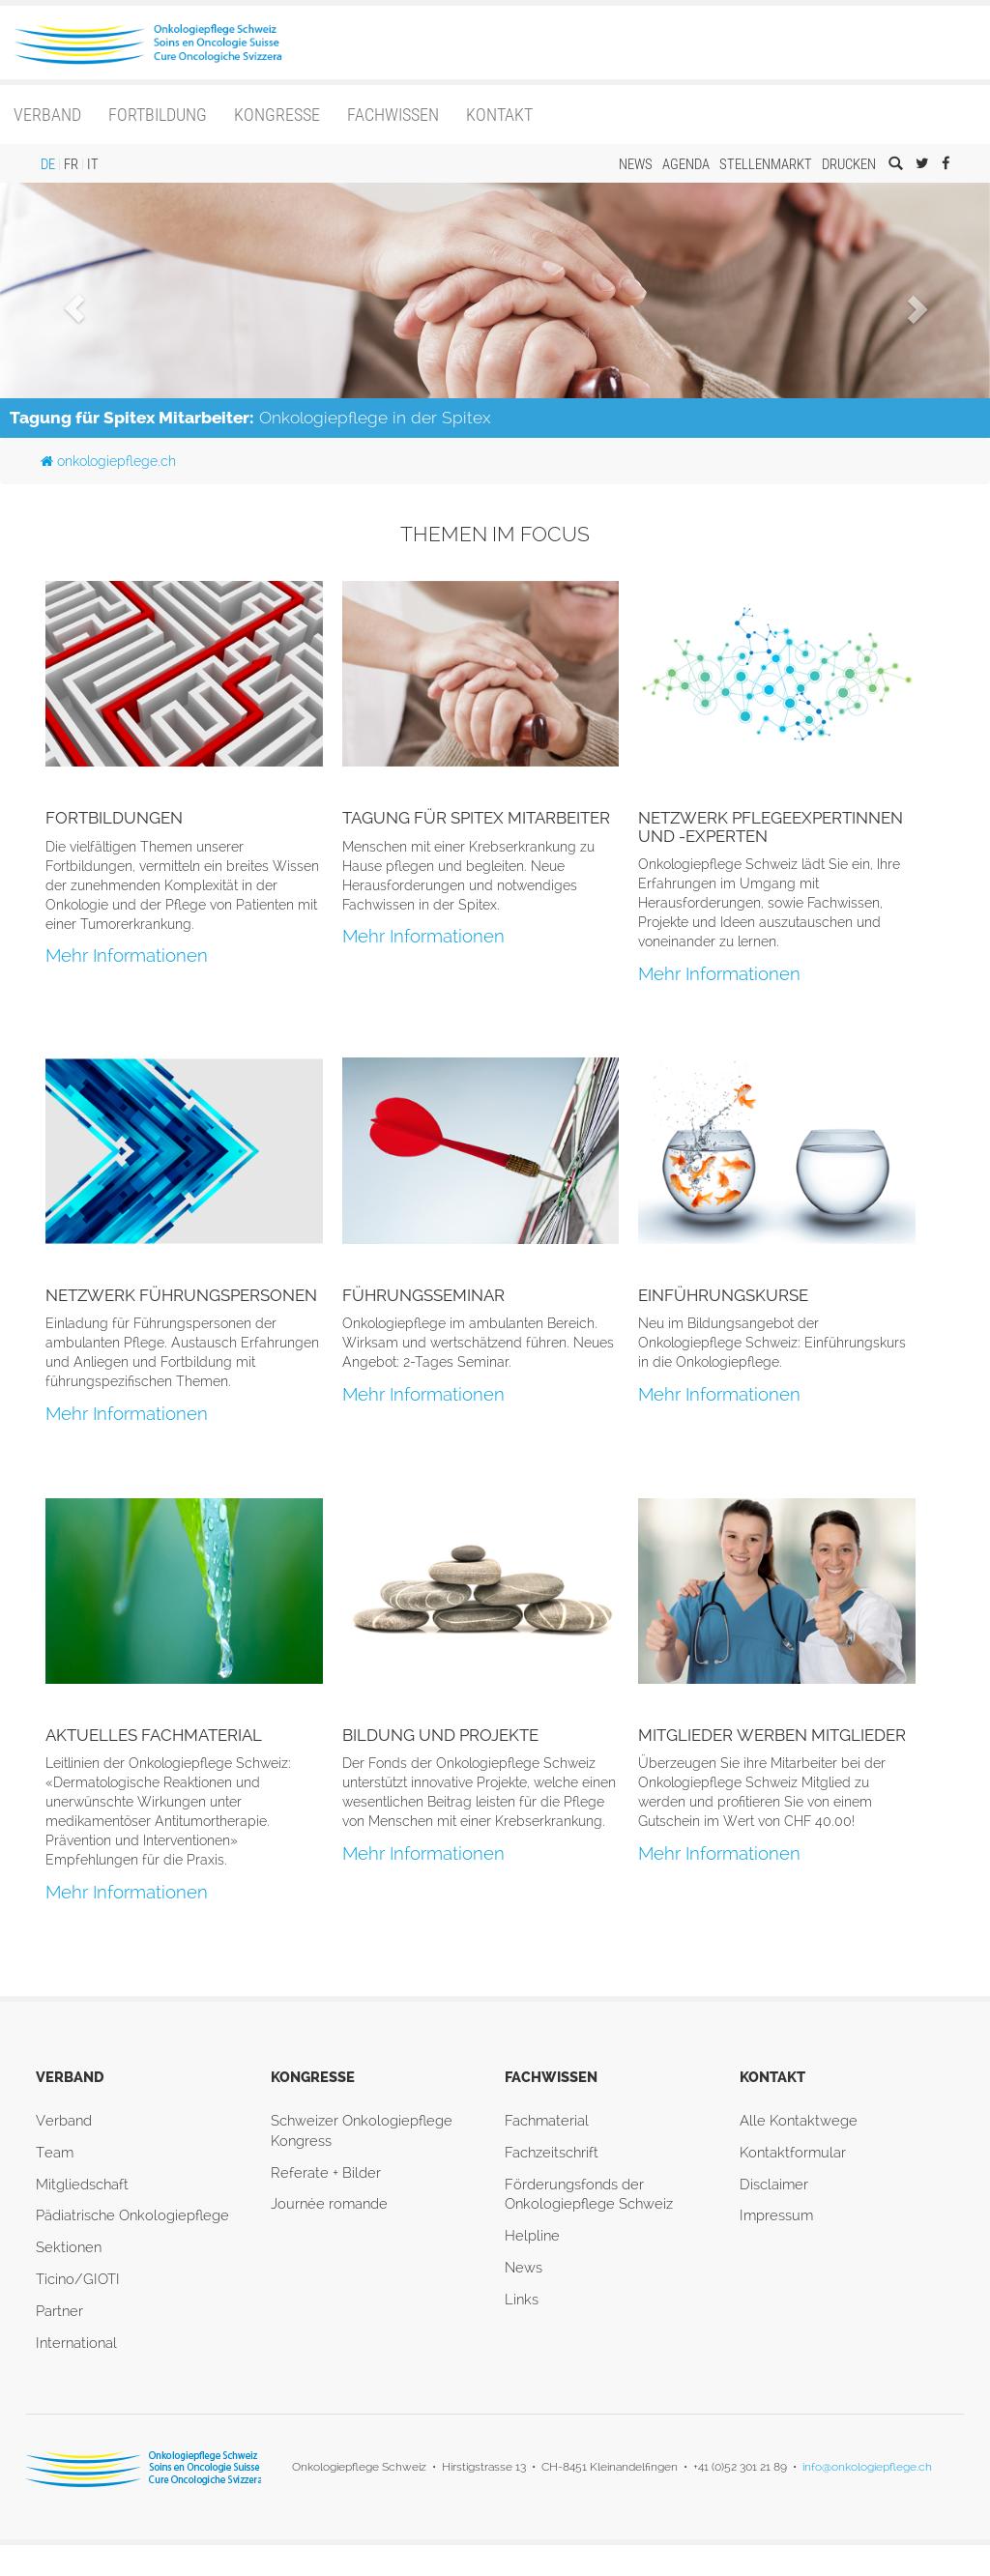 Onkologiepflege Schweiz Competitors, Revenue and Employees - Owler ...